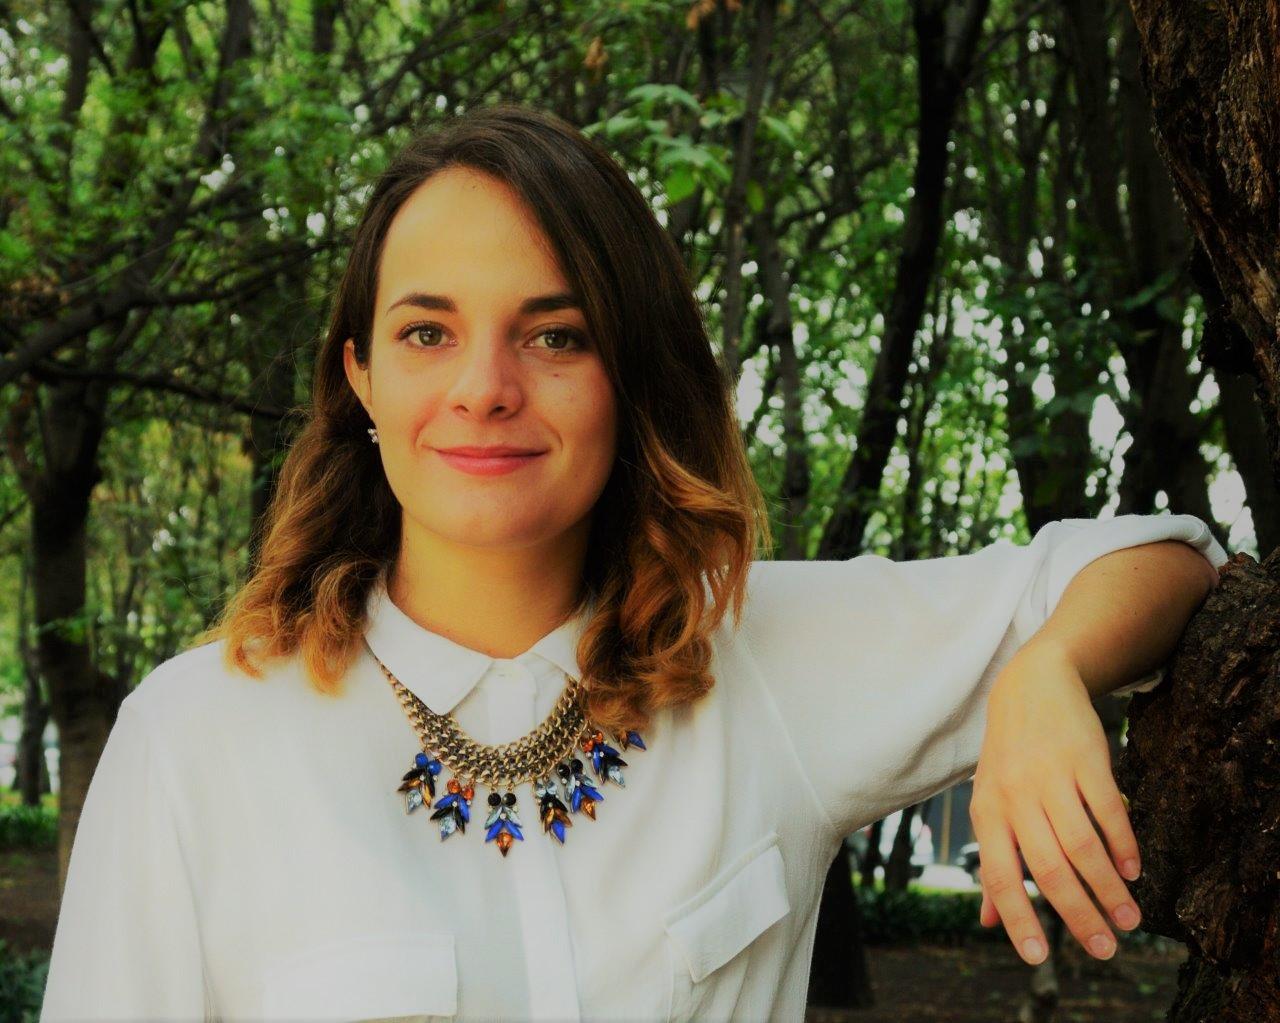 Sandra_Aguilar.jpg